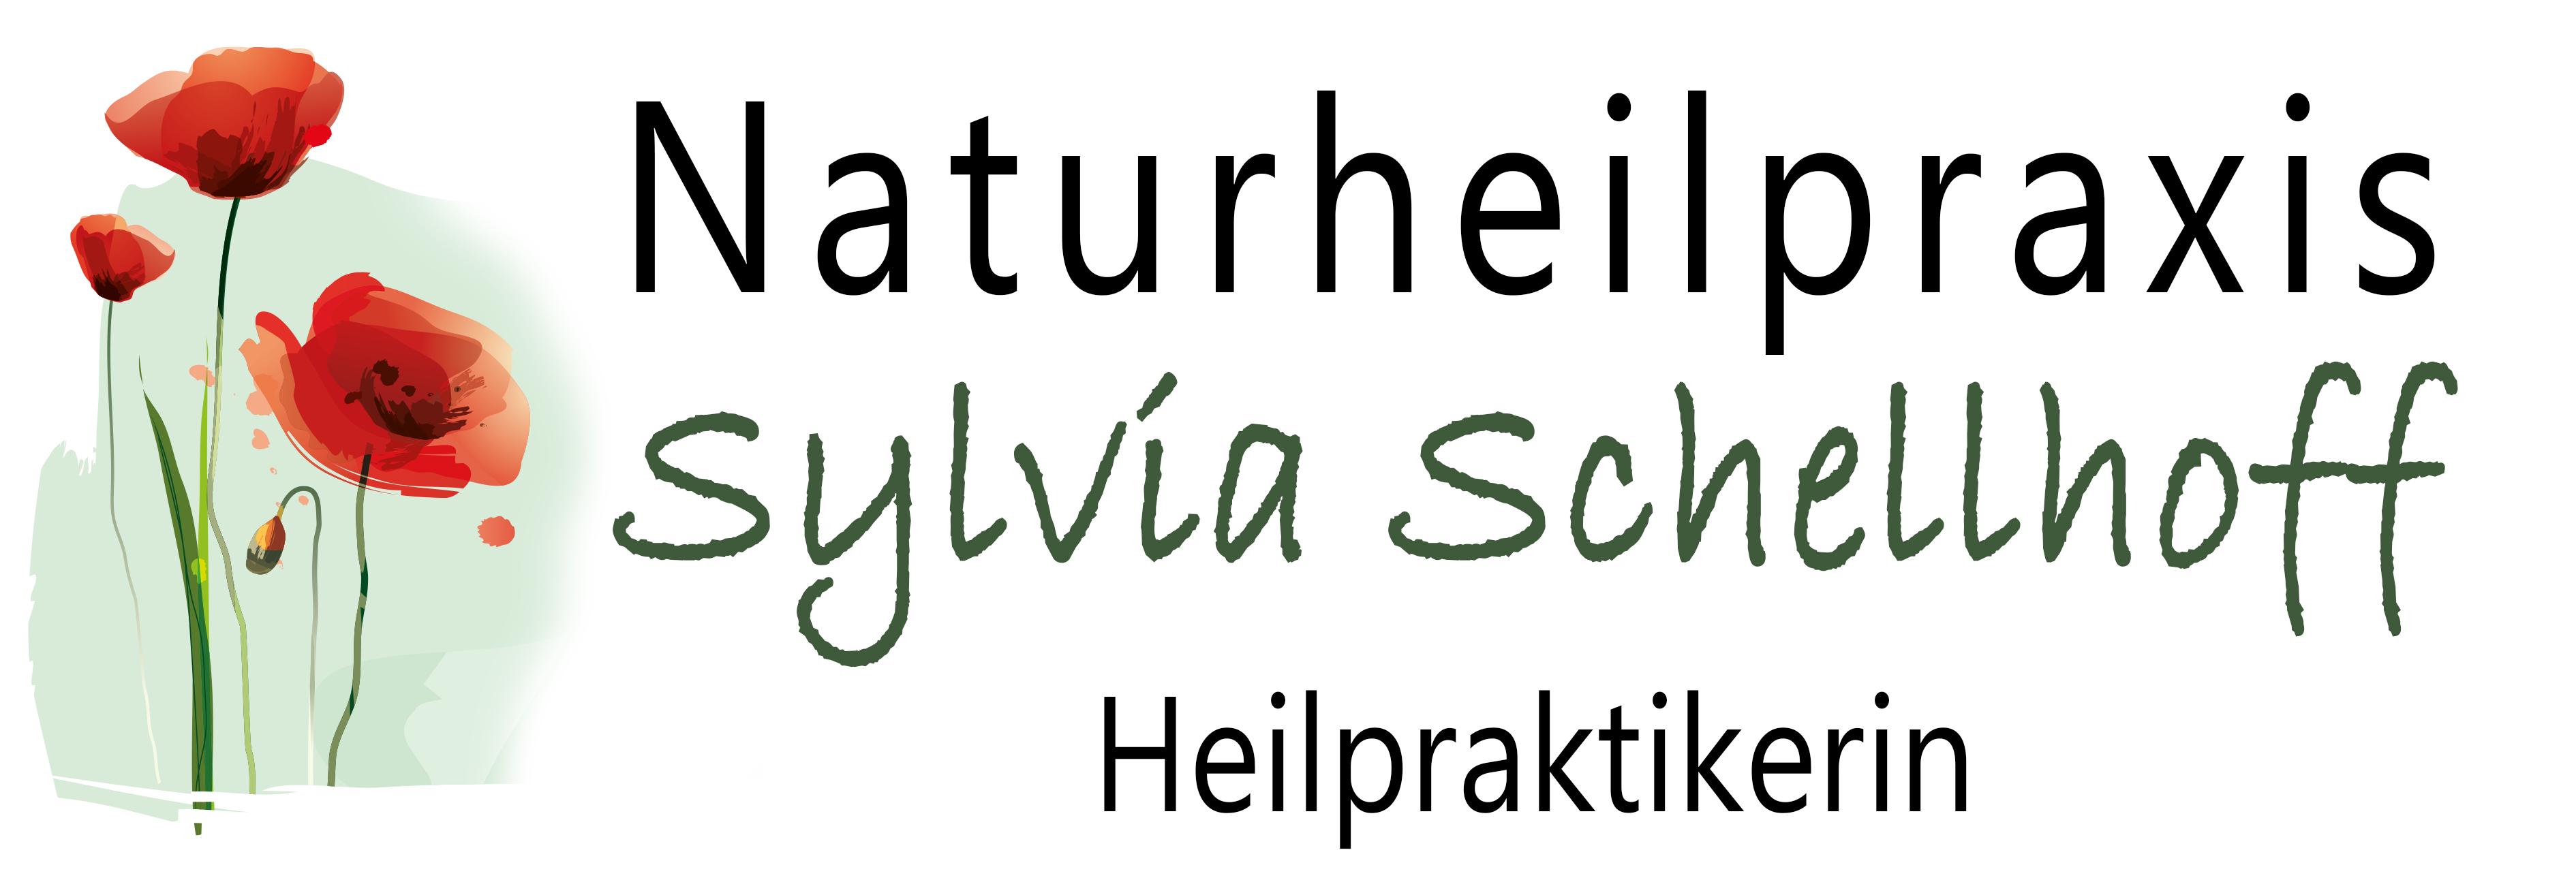 Logo der Naturheilpraxis der Heilpraktikerin Sylvia Schellhoff